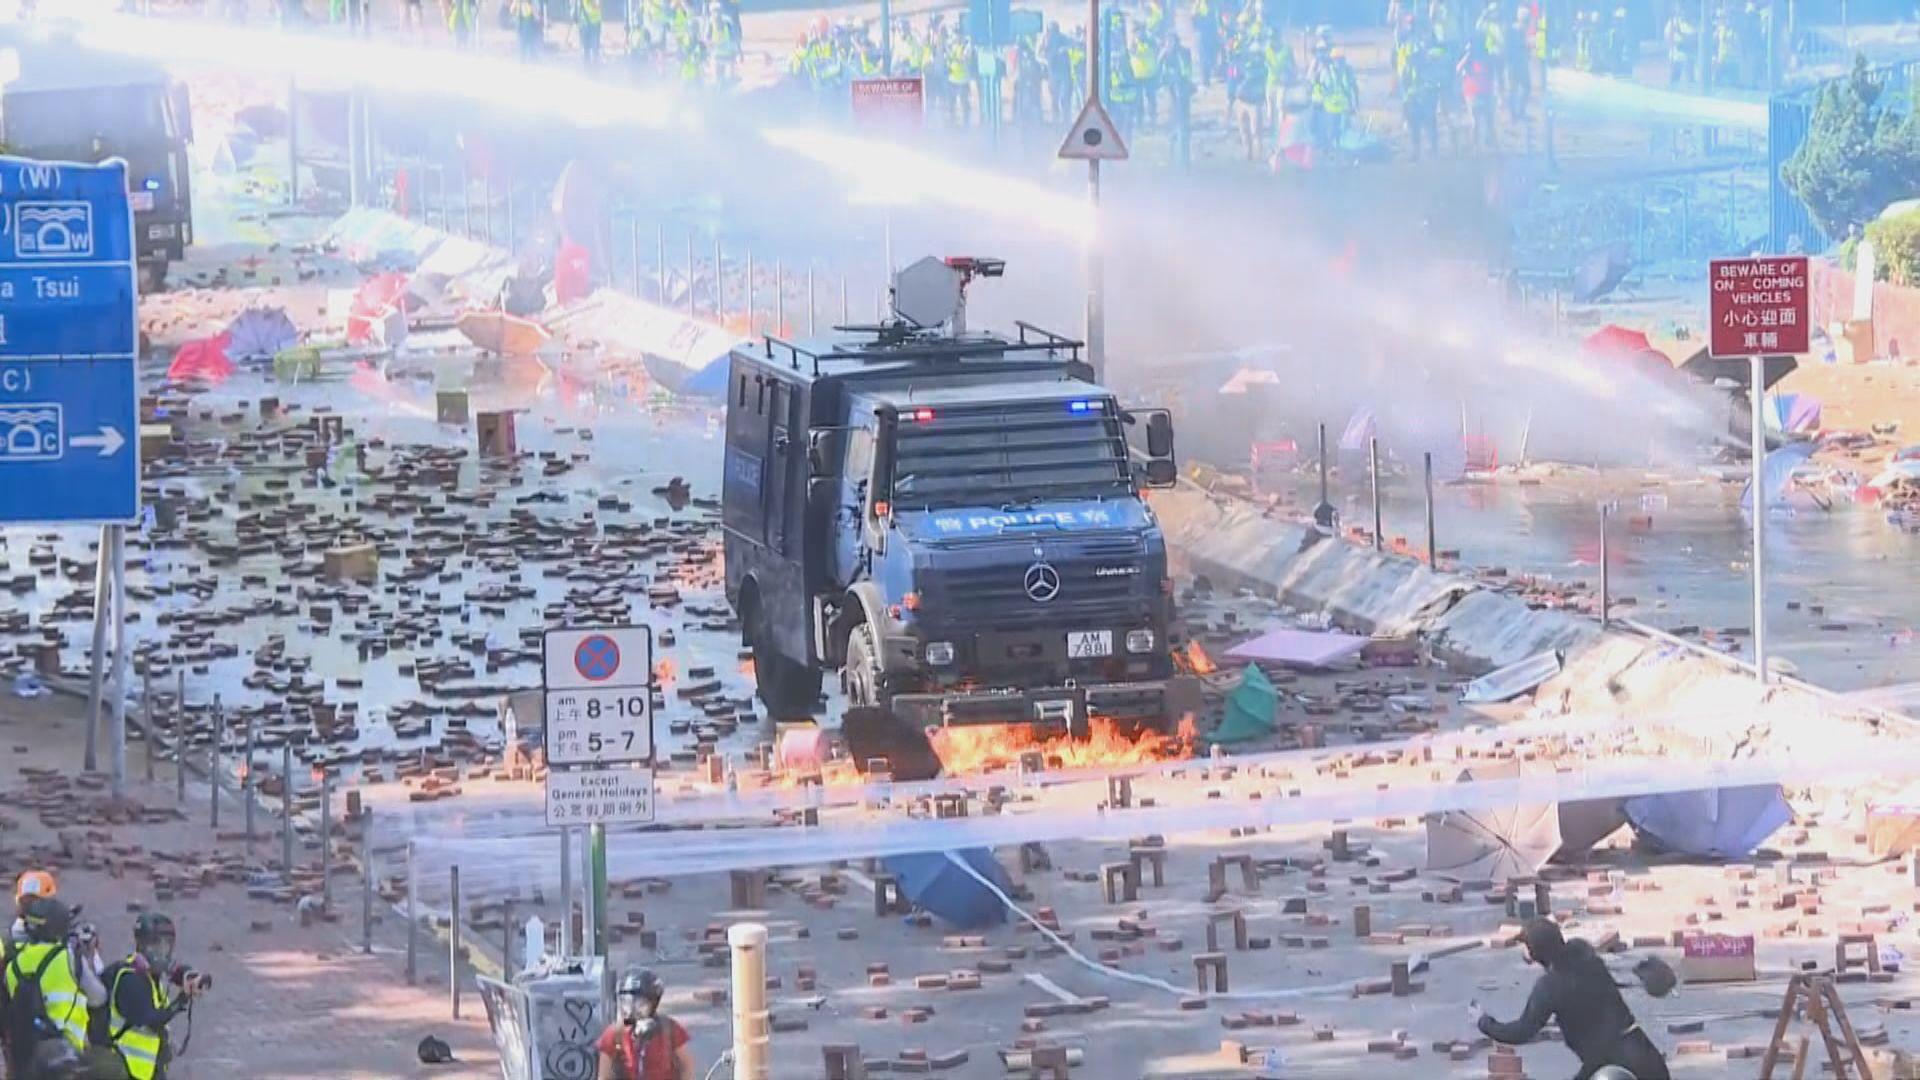 警方出動兩部水炮車驅散理大示威者